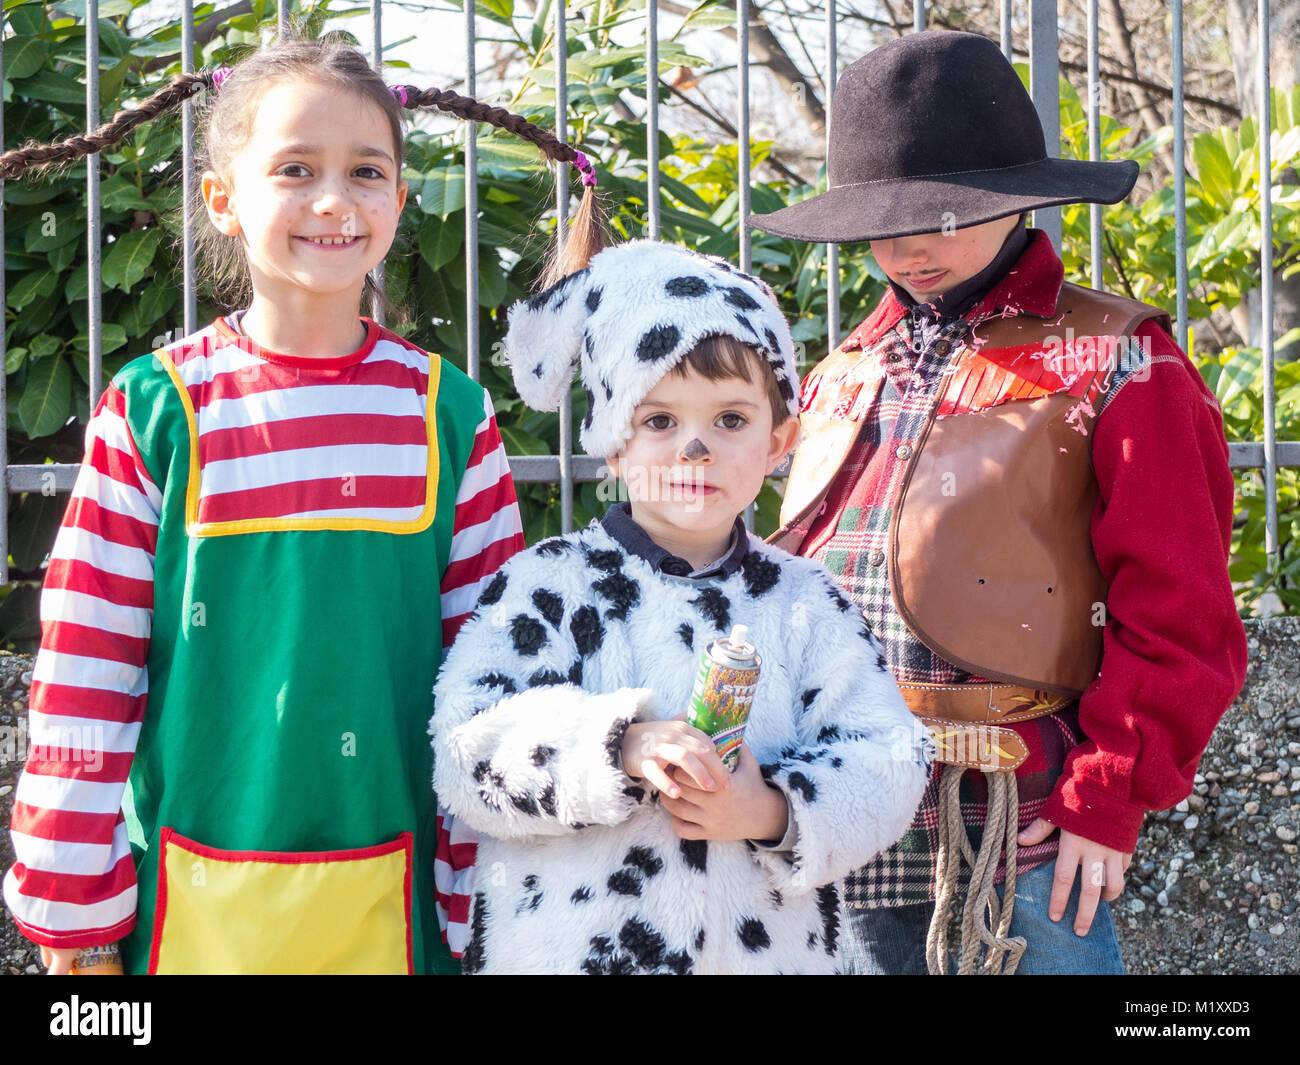 Les enfants vêtus de costumes de carnaval sur l'extérieur pour célébrer masquerade Photo Stock